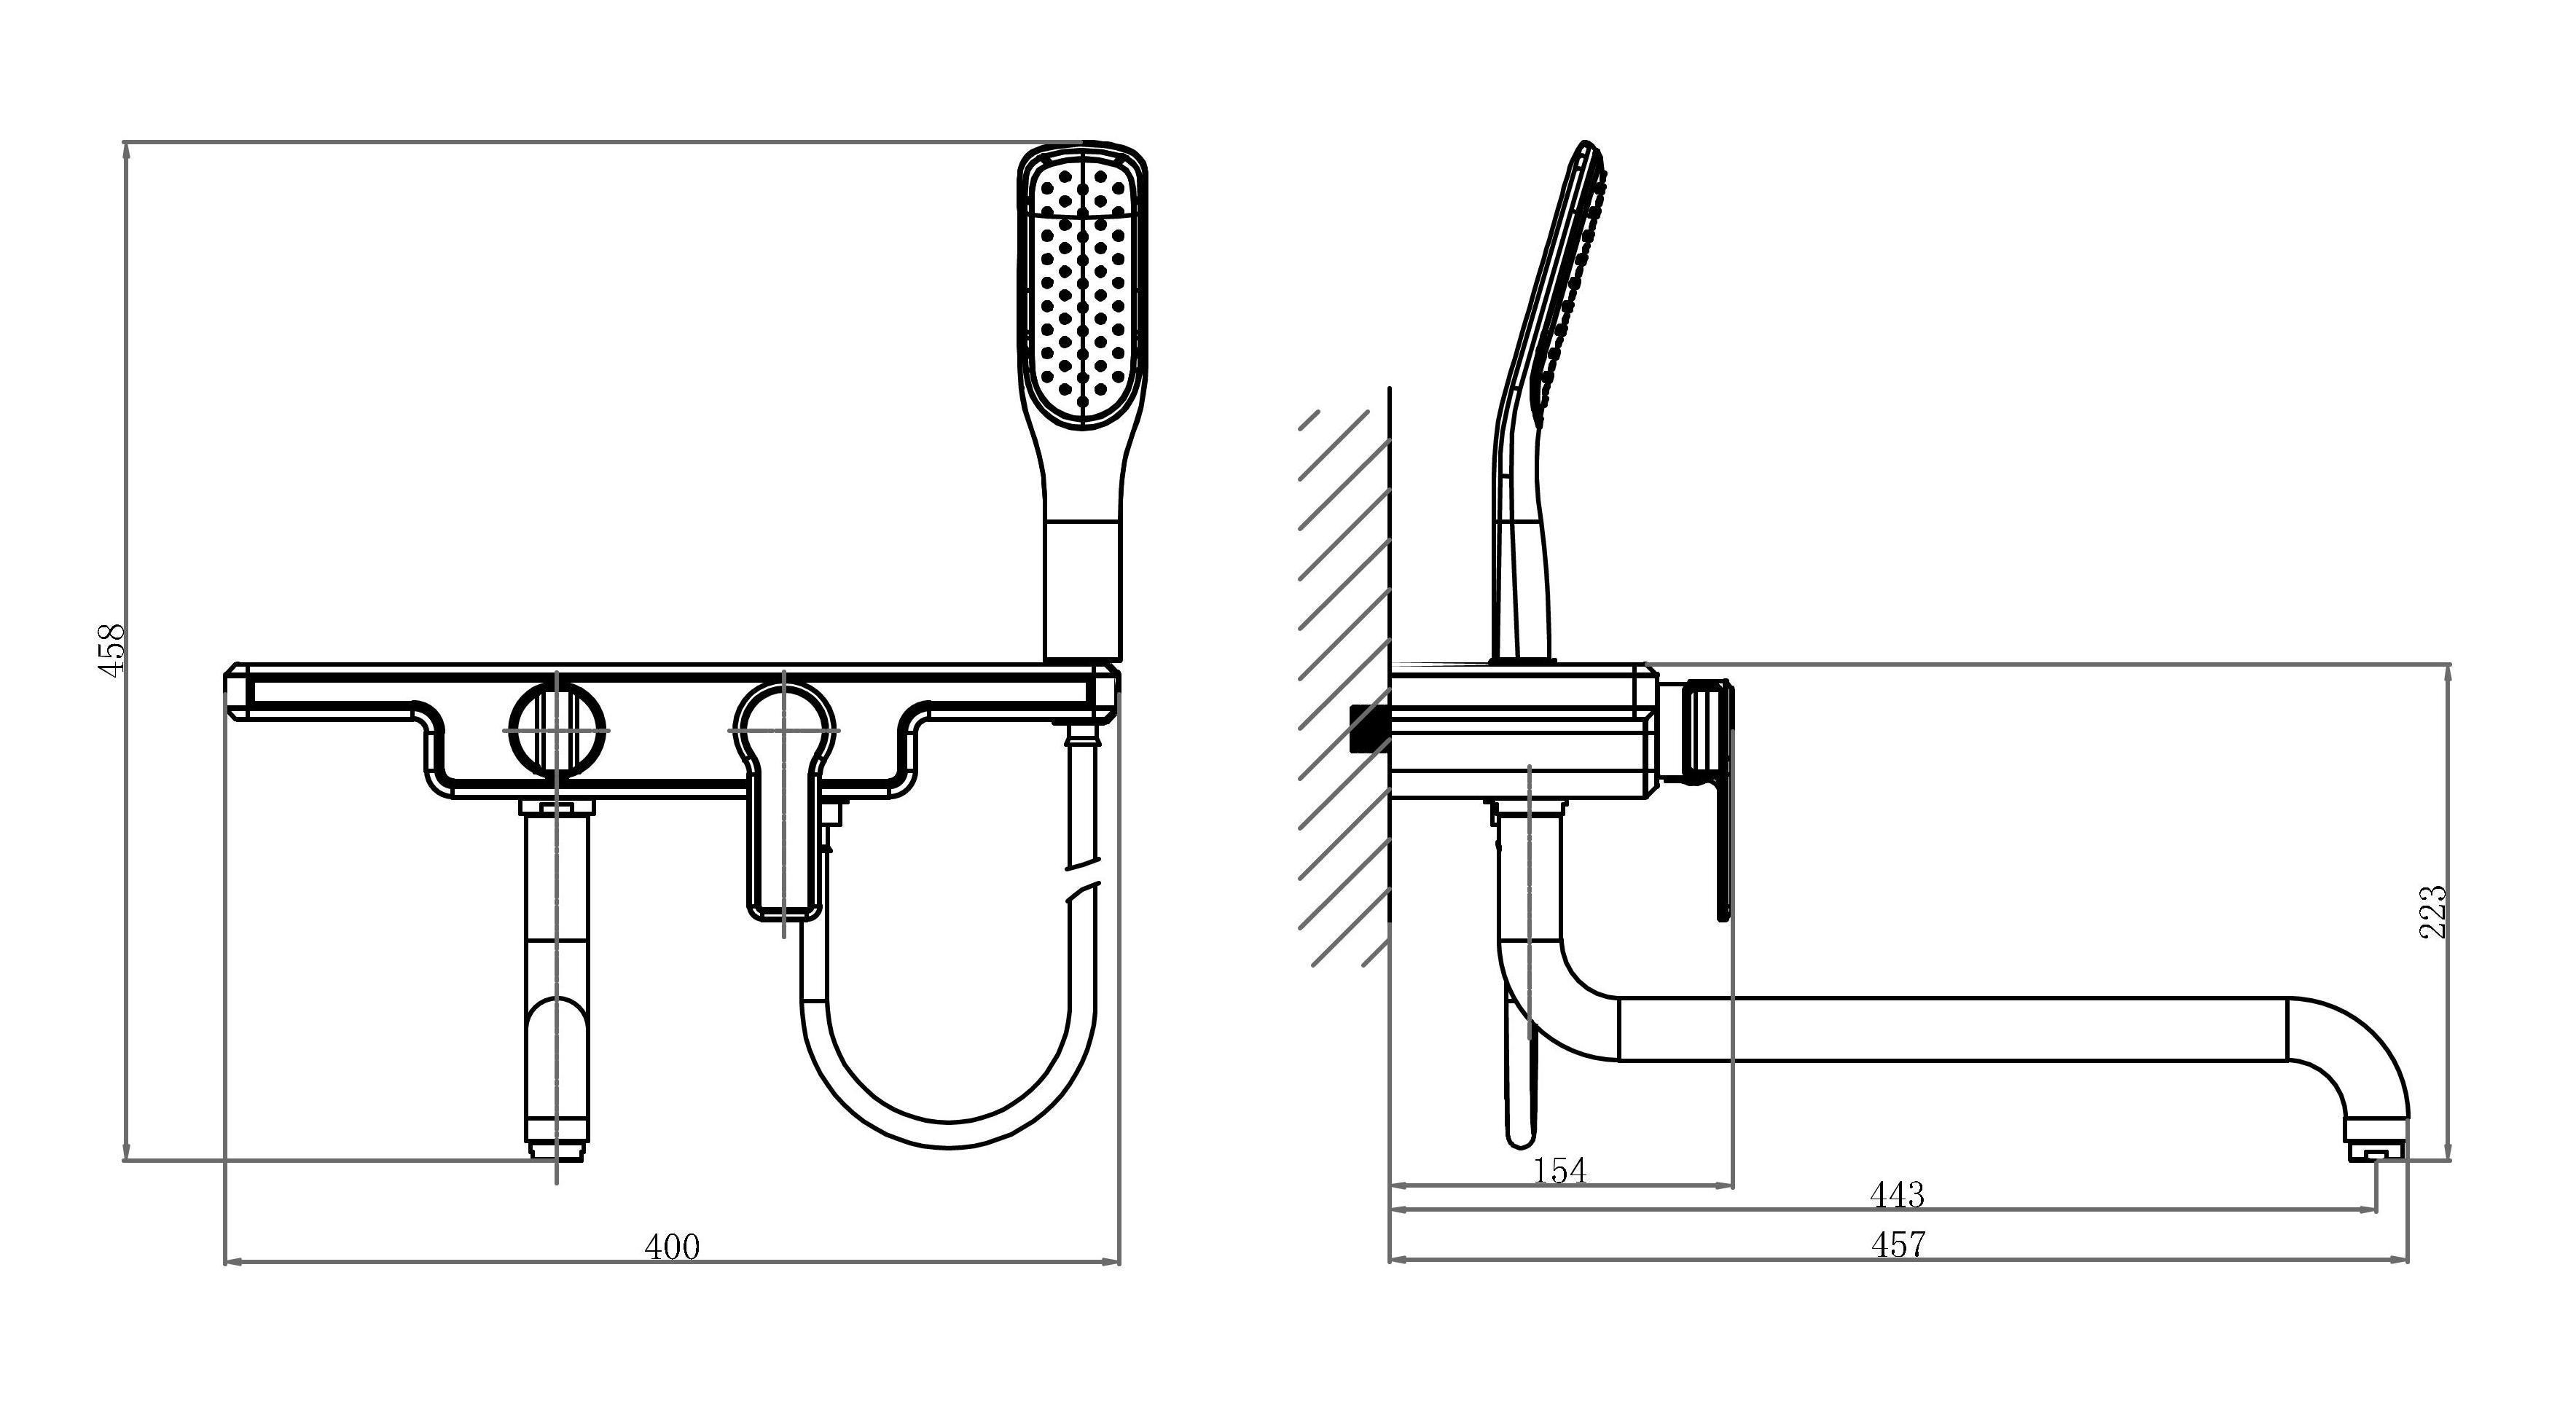 Смеситель для ванны с душем D&K Berlin.Kunste DA1453313 длинный излив оранжевый-хром